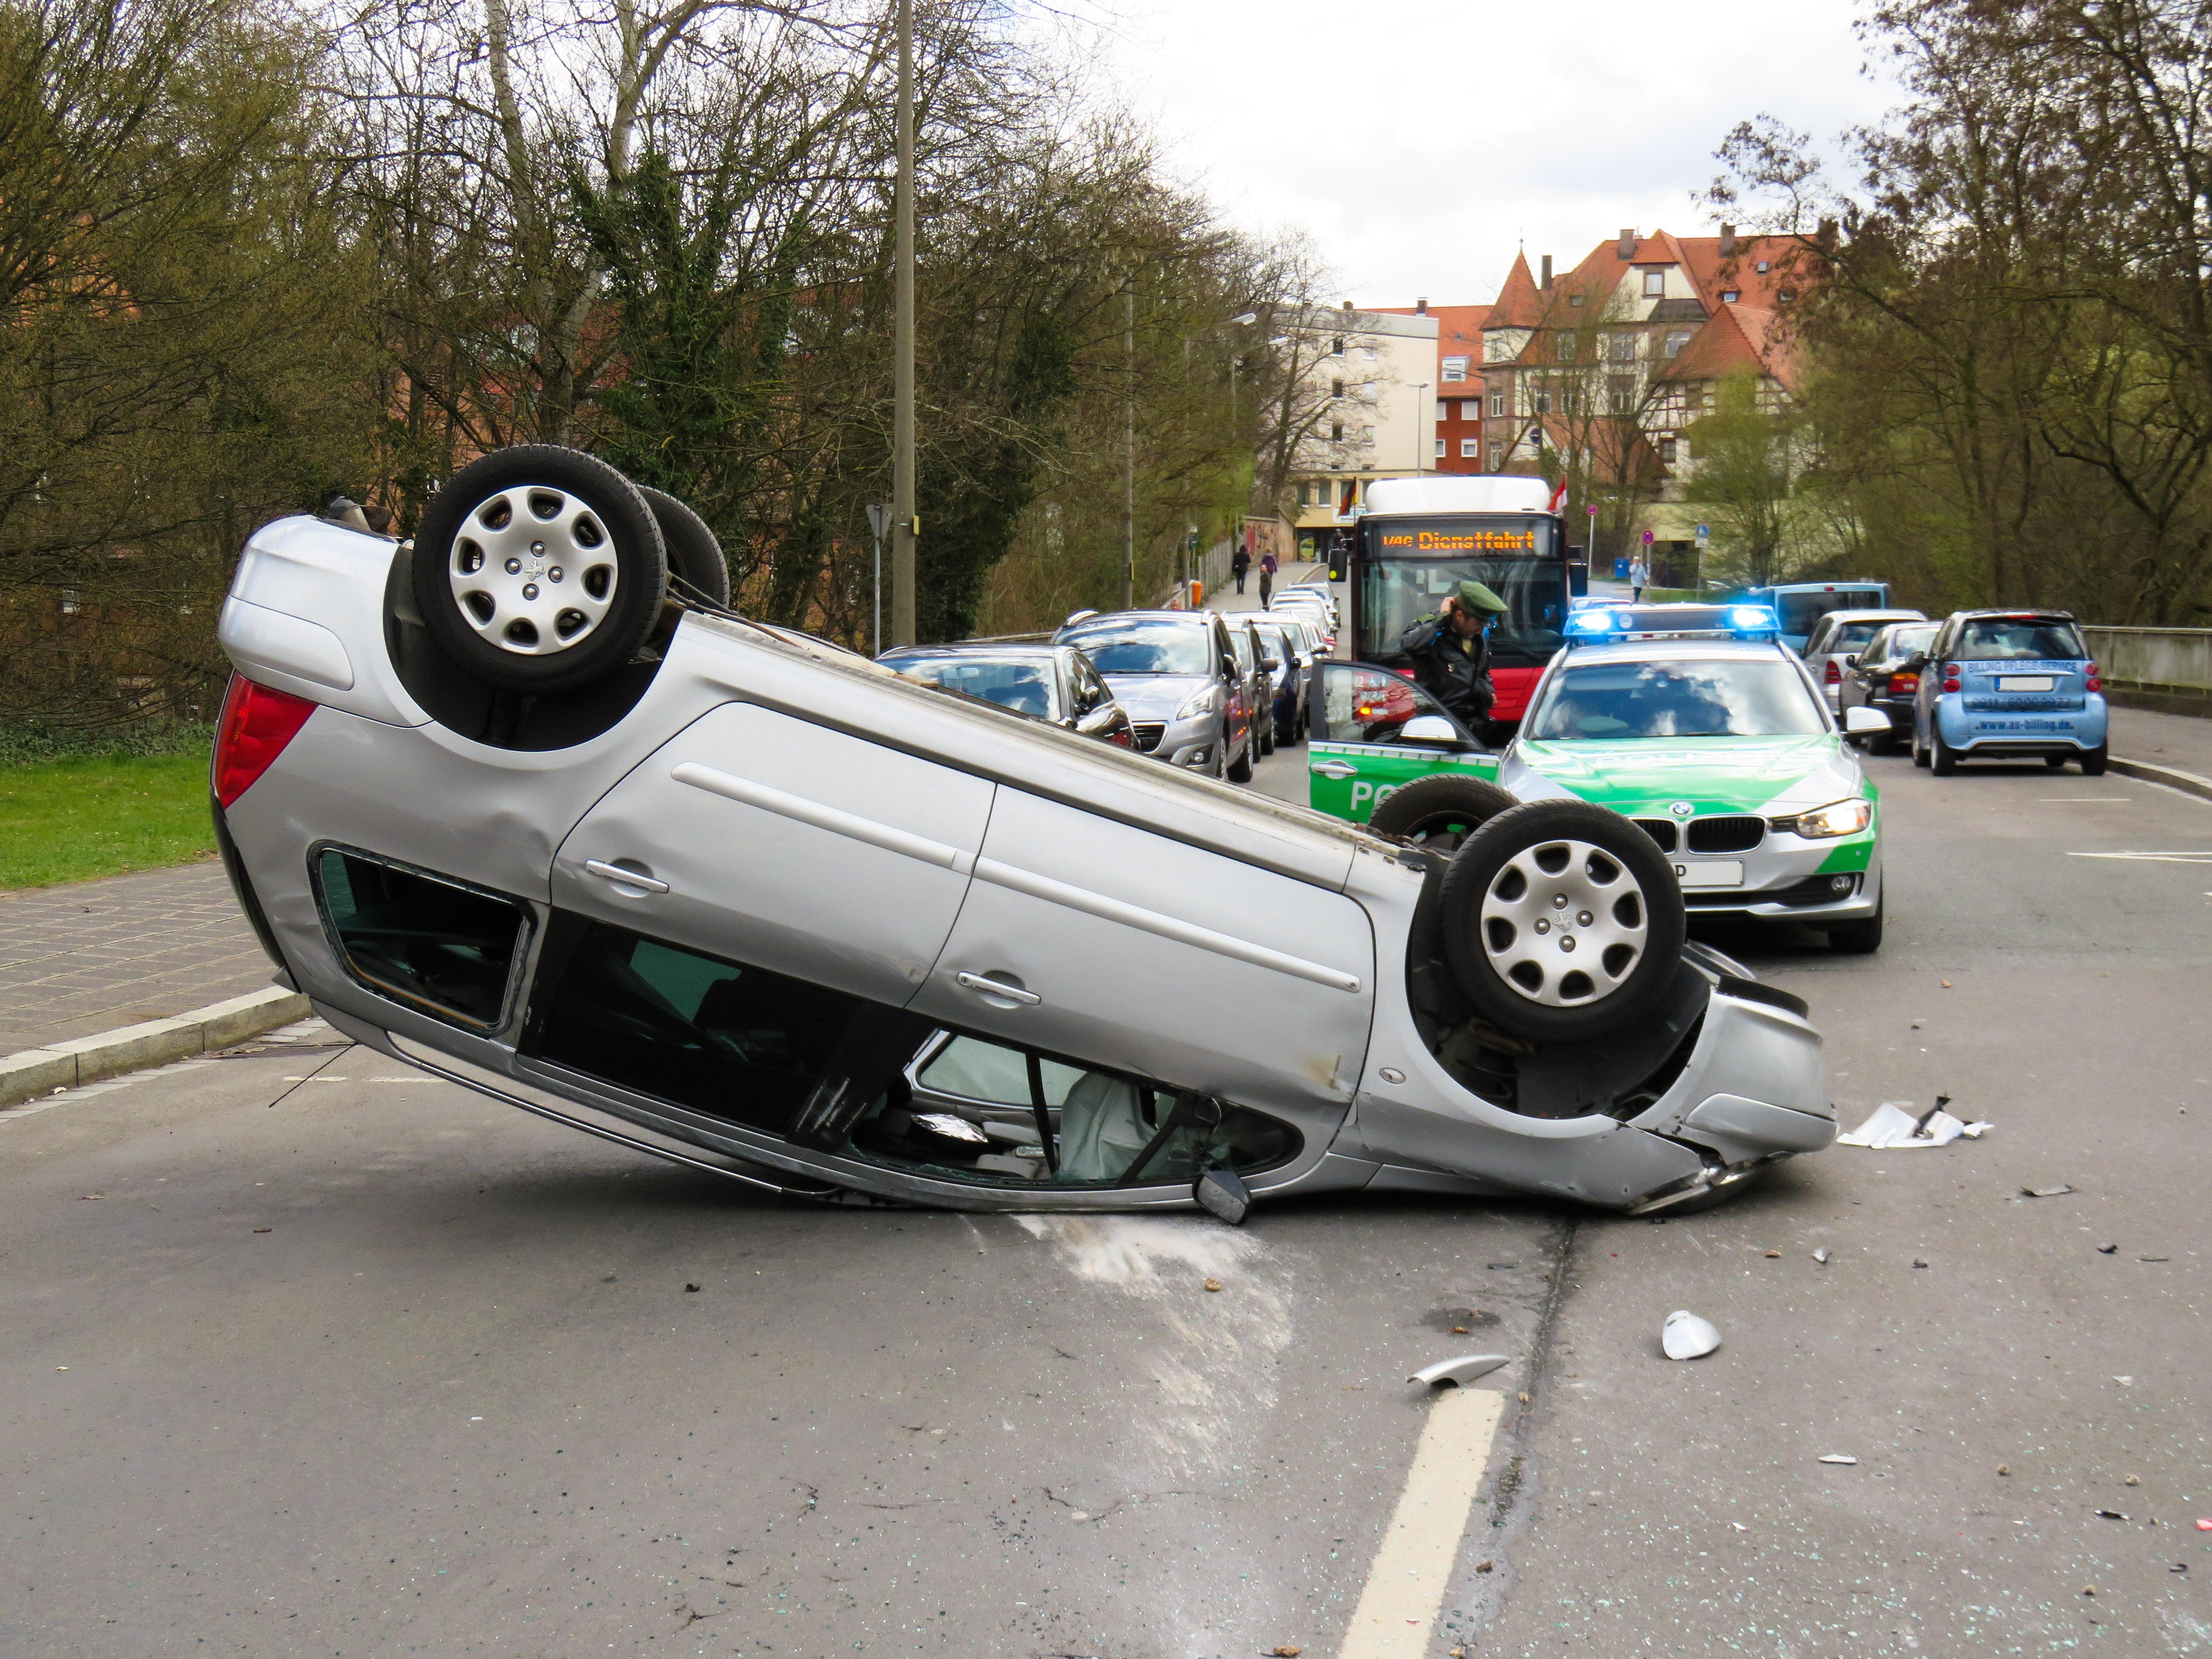 Kostenlose foto : Auto, Werkstatt, Fahrzeug, gebrochen, Sportwagen ...